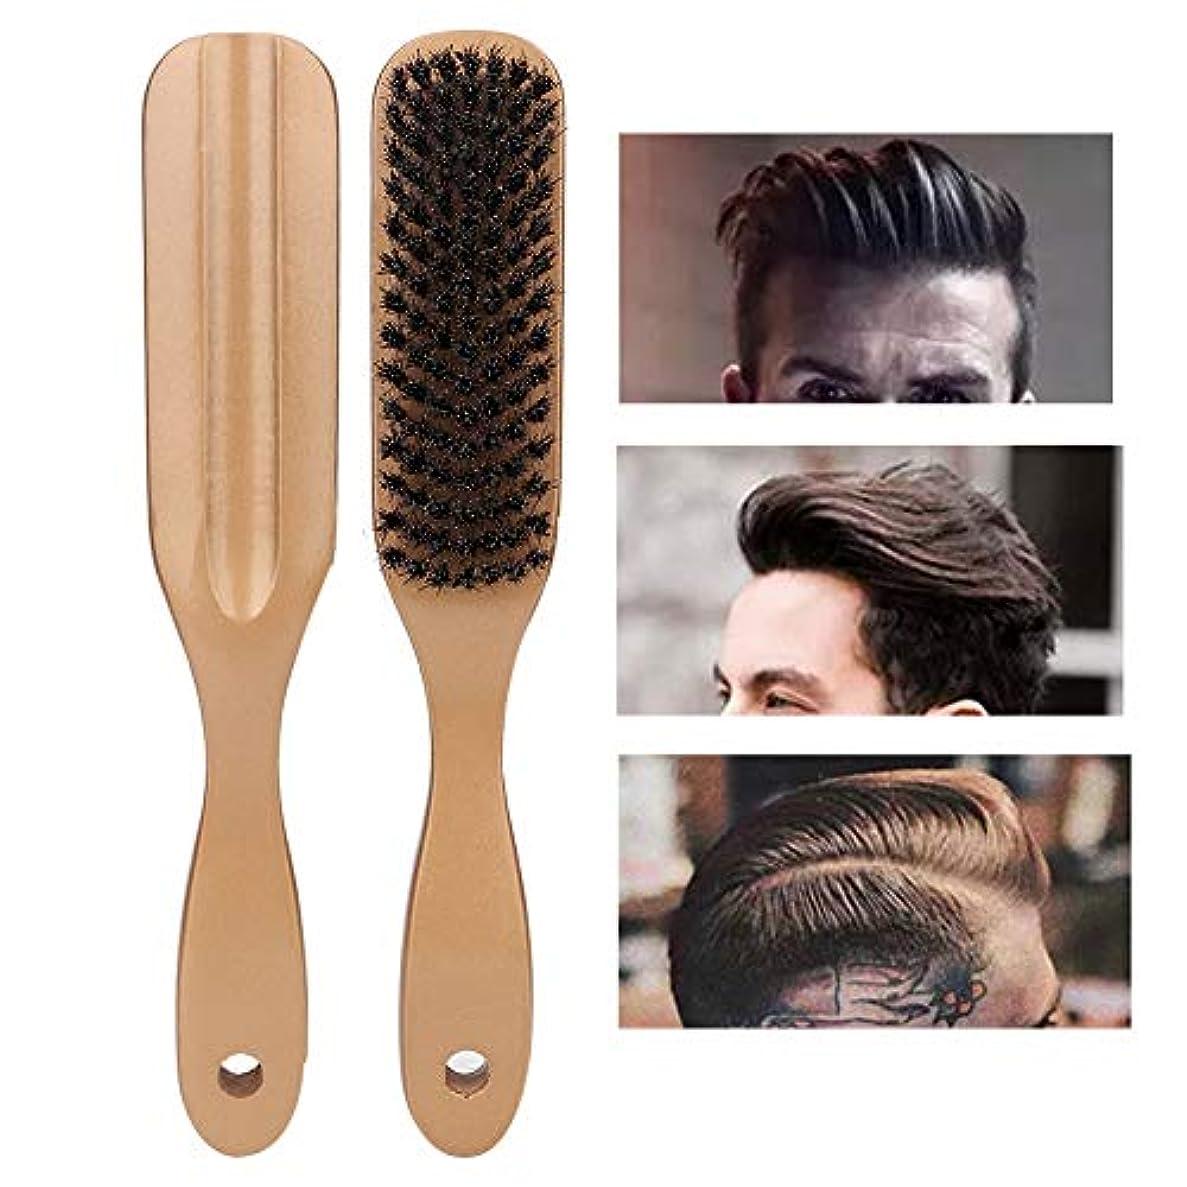 人のひげの櫛のブラシオイルのヘッドブラシのヘアーケア用具(ダークイエロー)